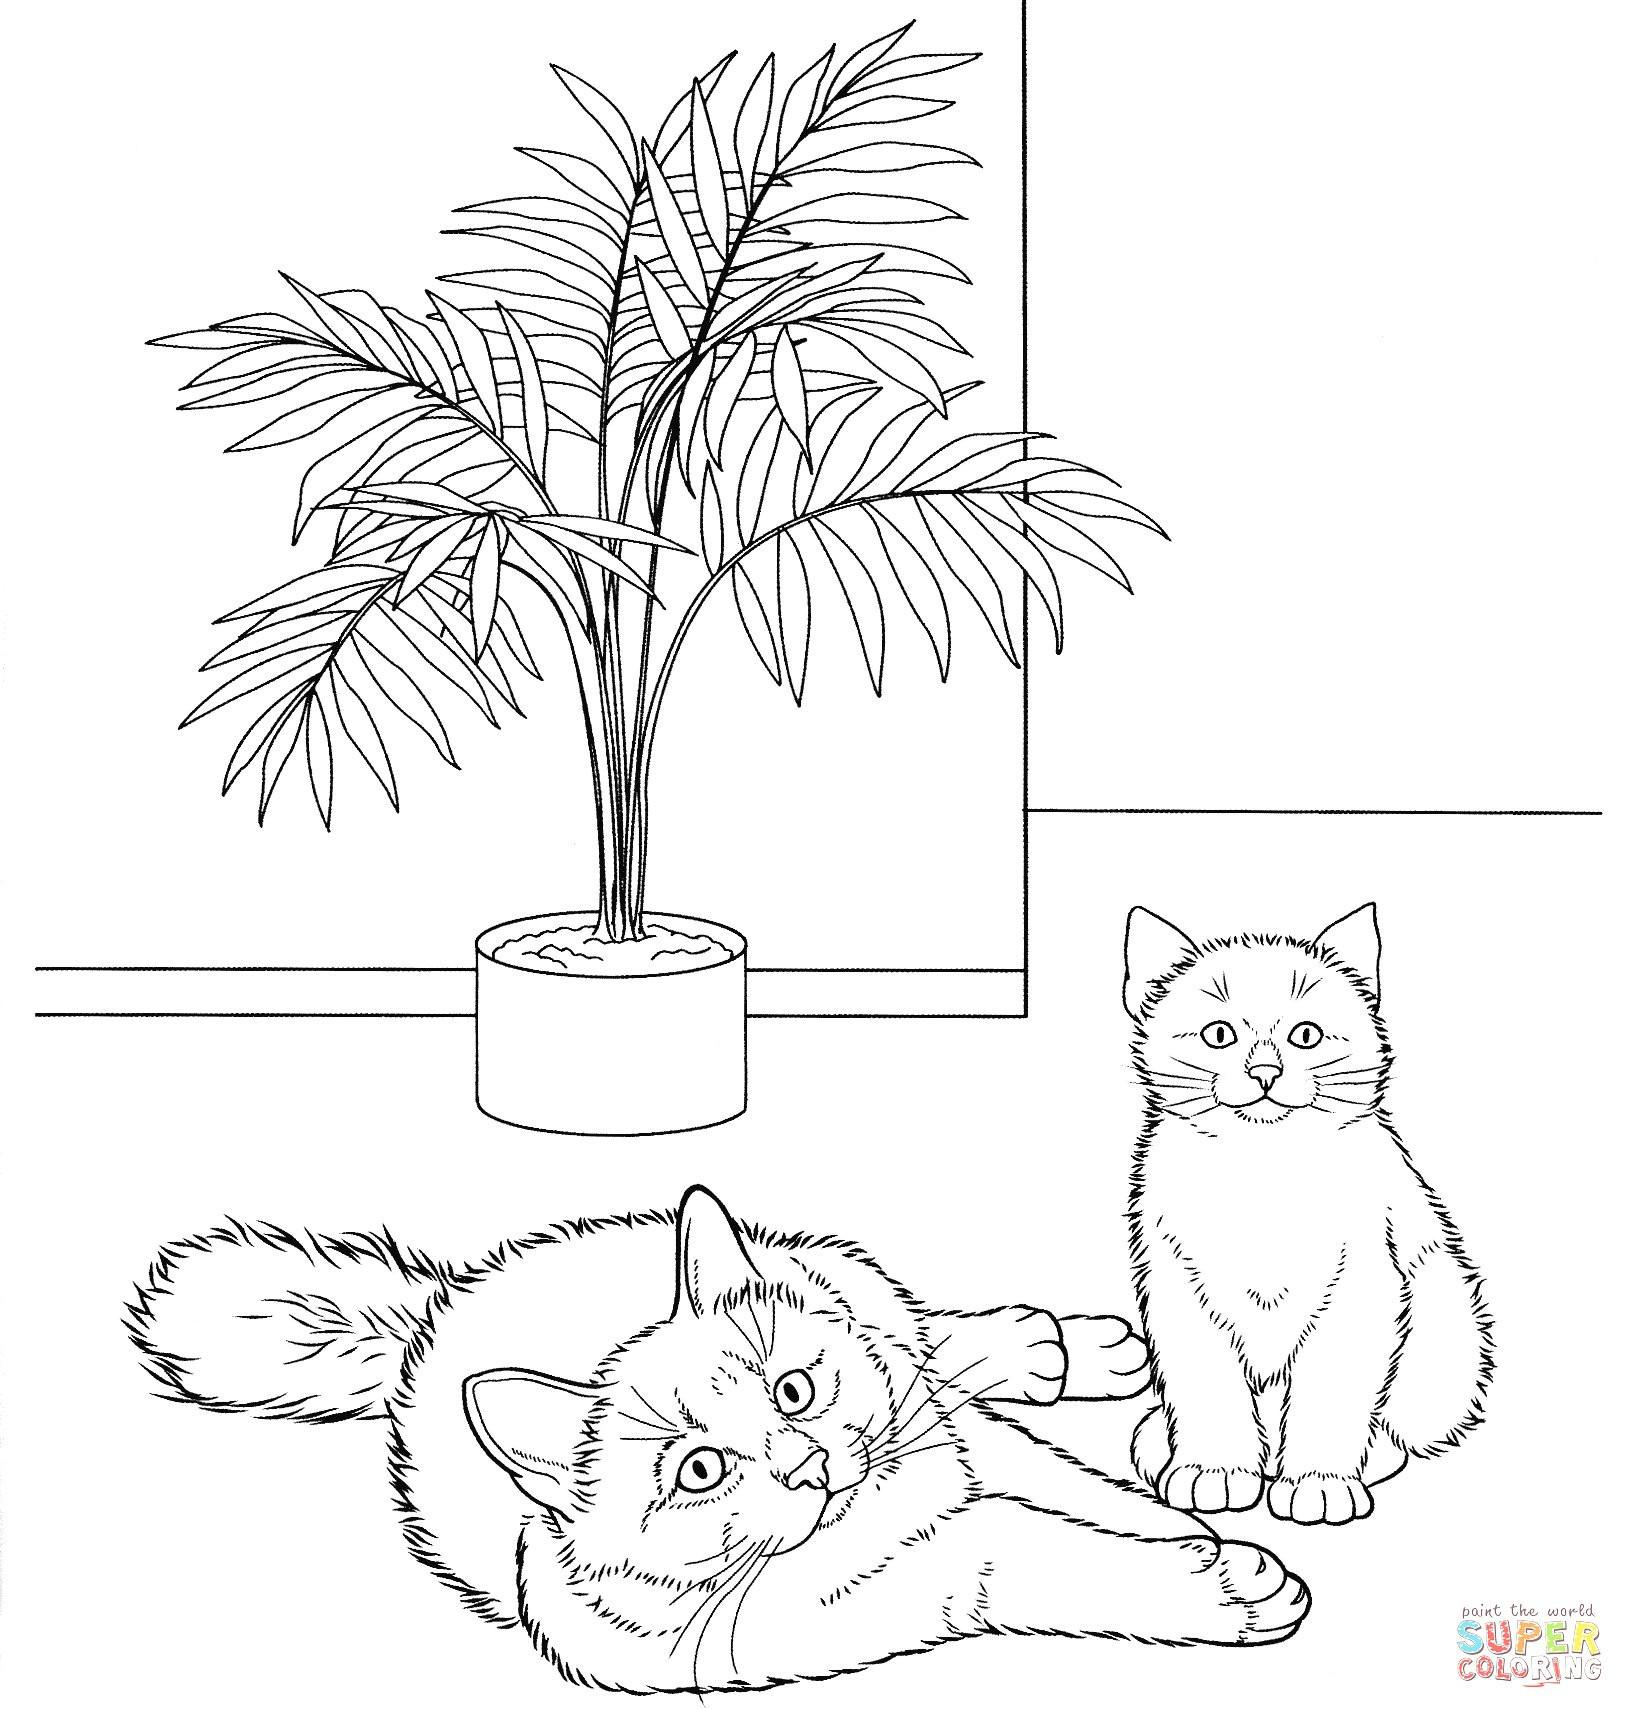 Baby Katzen Ausmalbilder Neu Katzen Ausmalbilder Neu 100 Schöne Ausmalbilder Für Erwachsene Sammlung